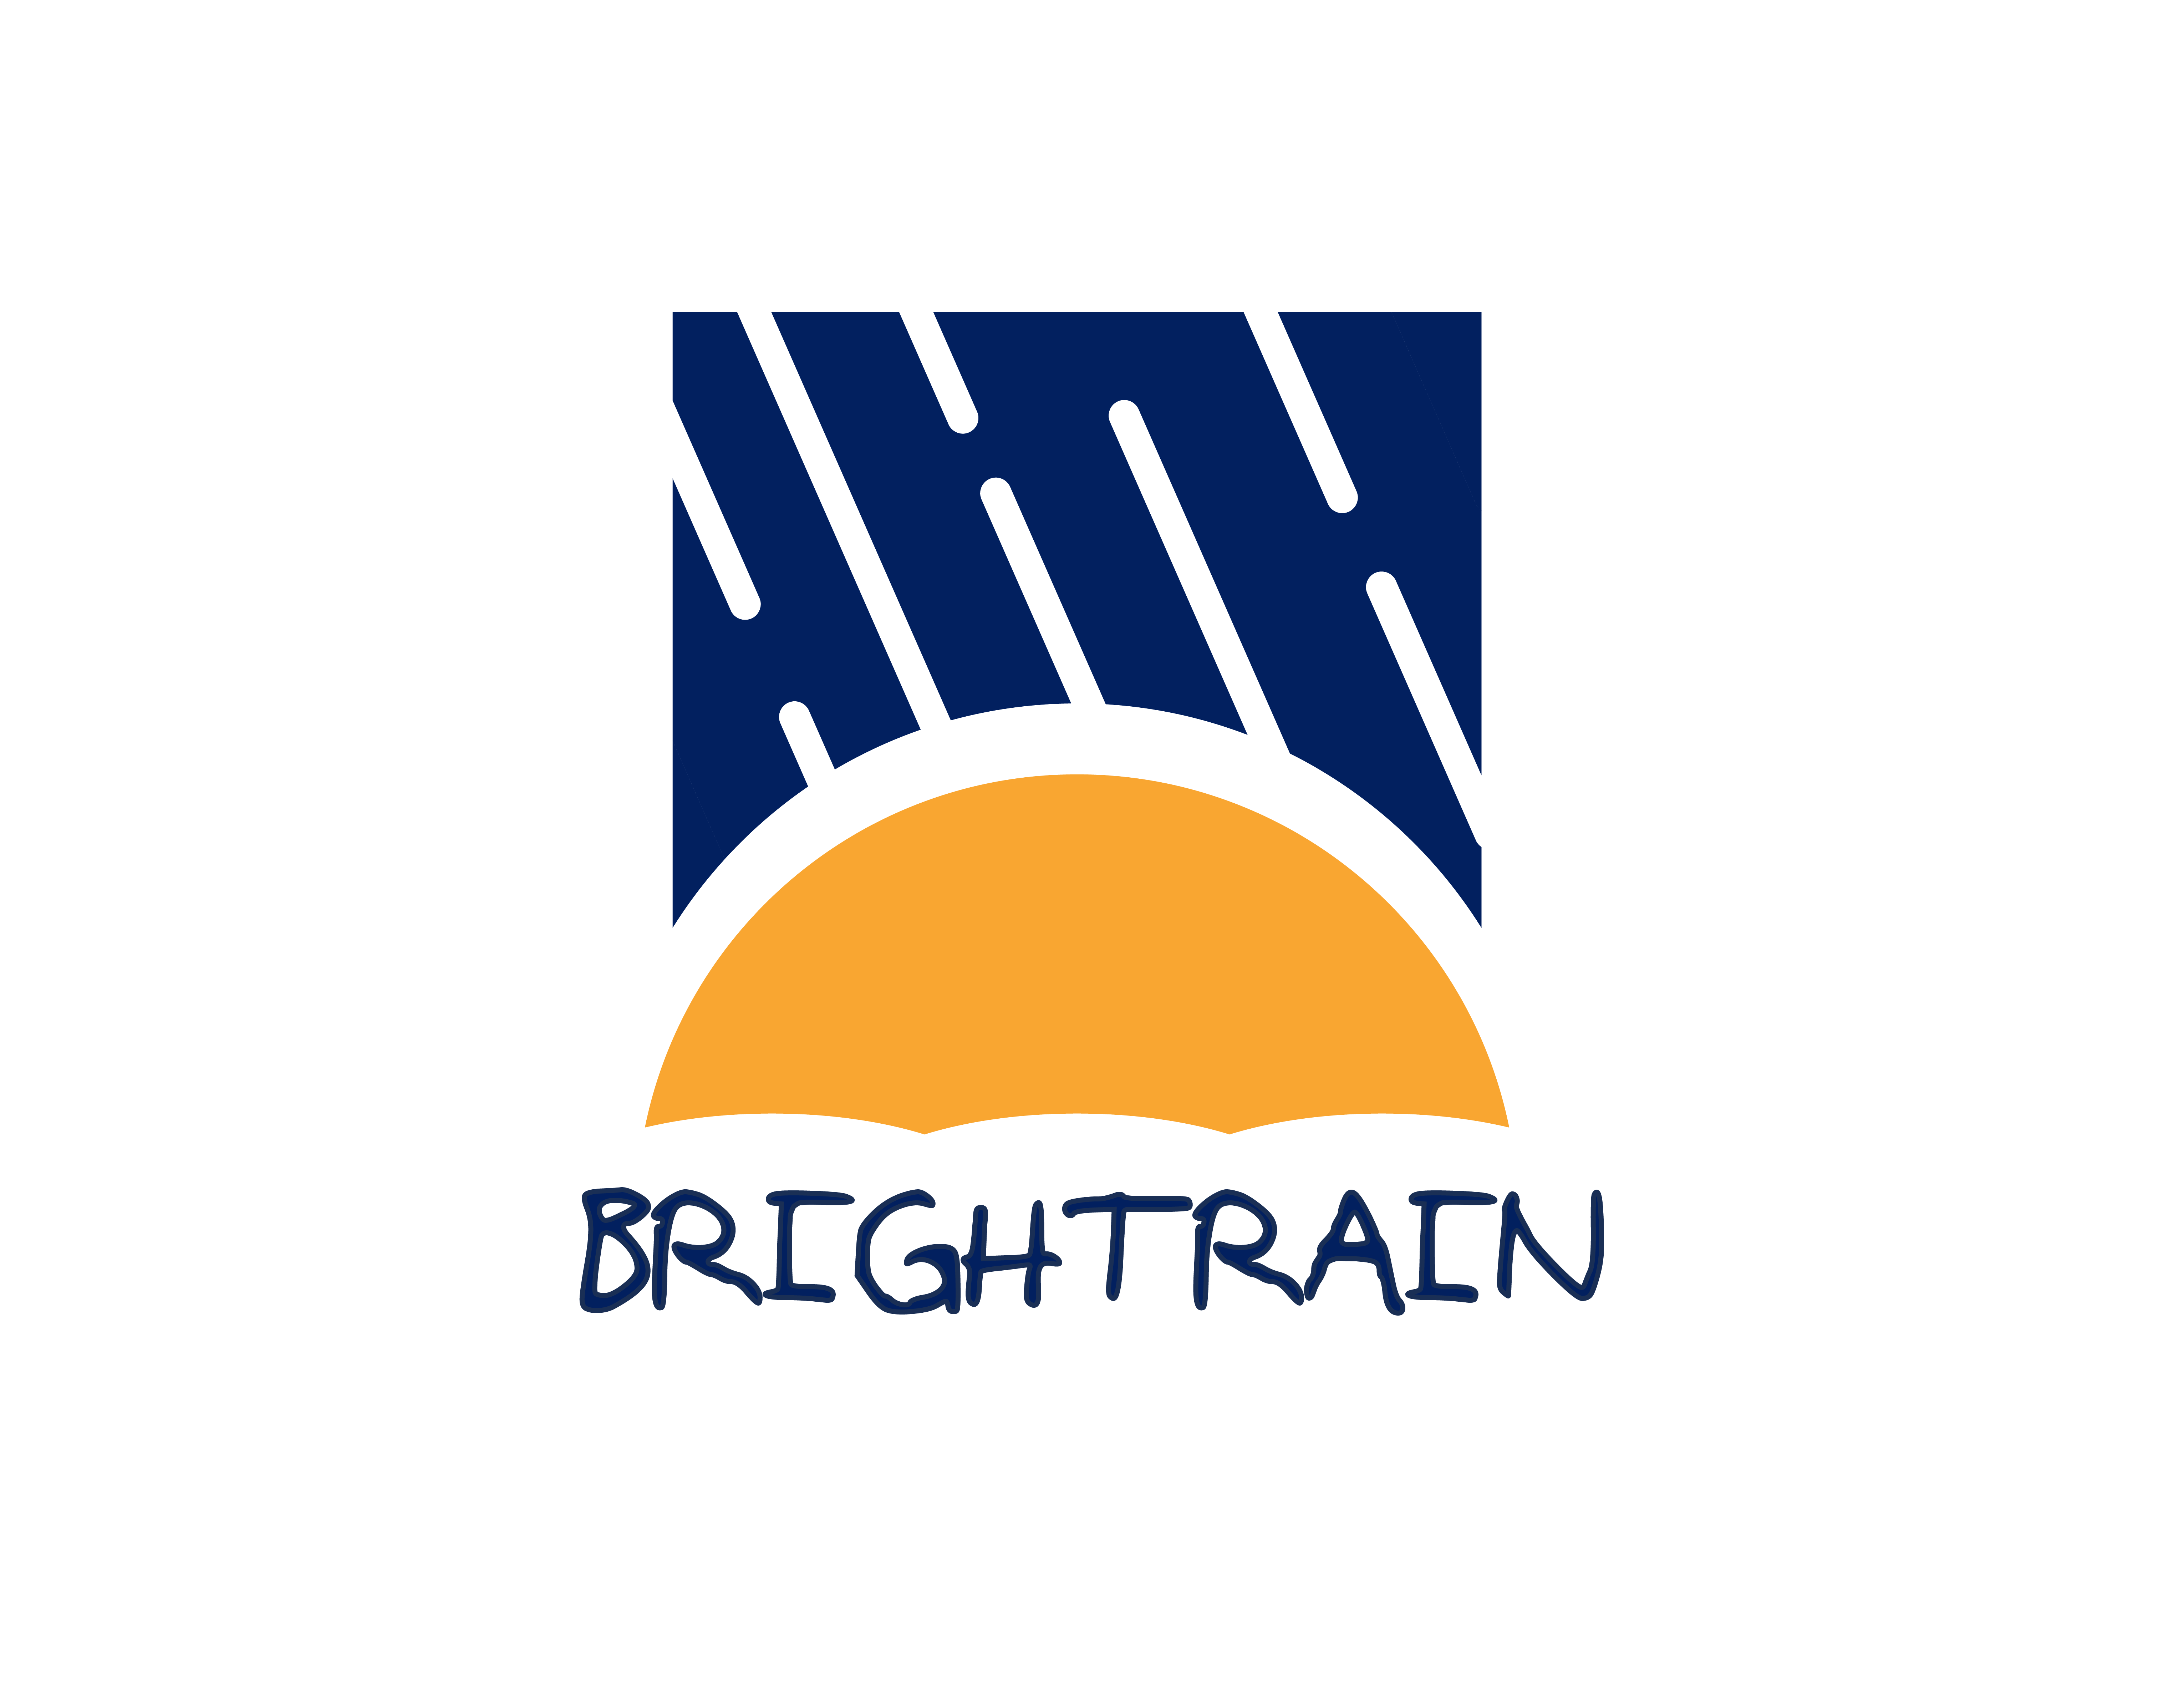 第一天作业:品牌logo图形设计